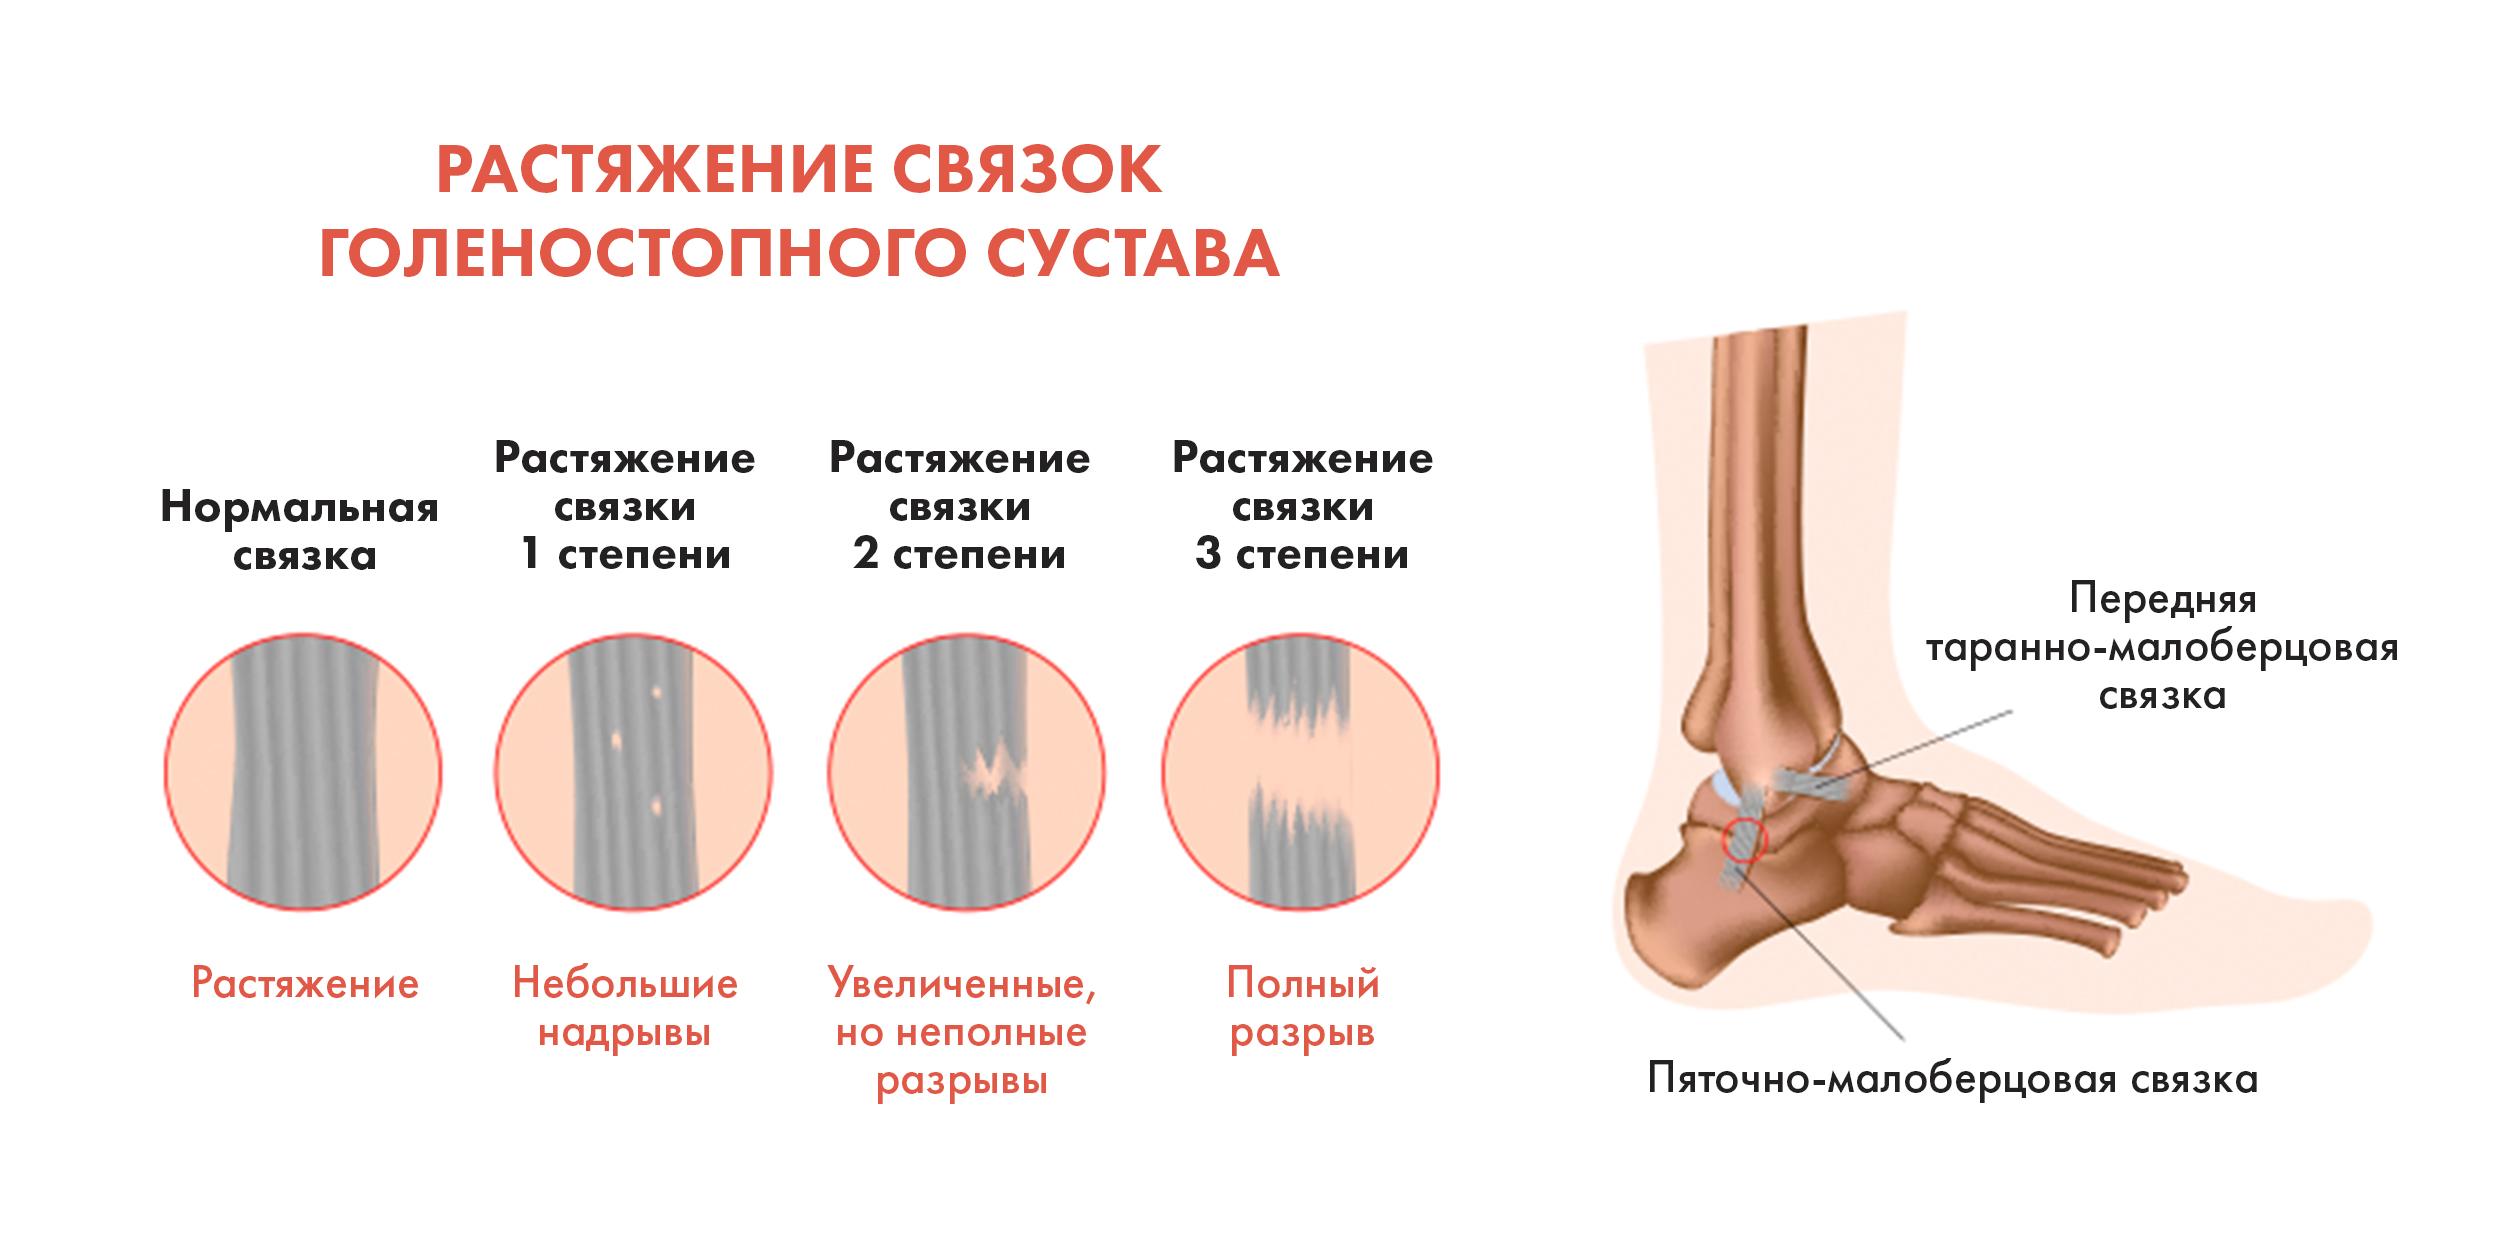 Лечебная физкультура после растяжения локтевого сустава дисплазия тазобедренных суставов у младенца форум